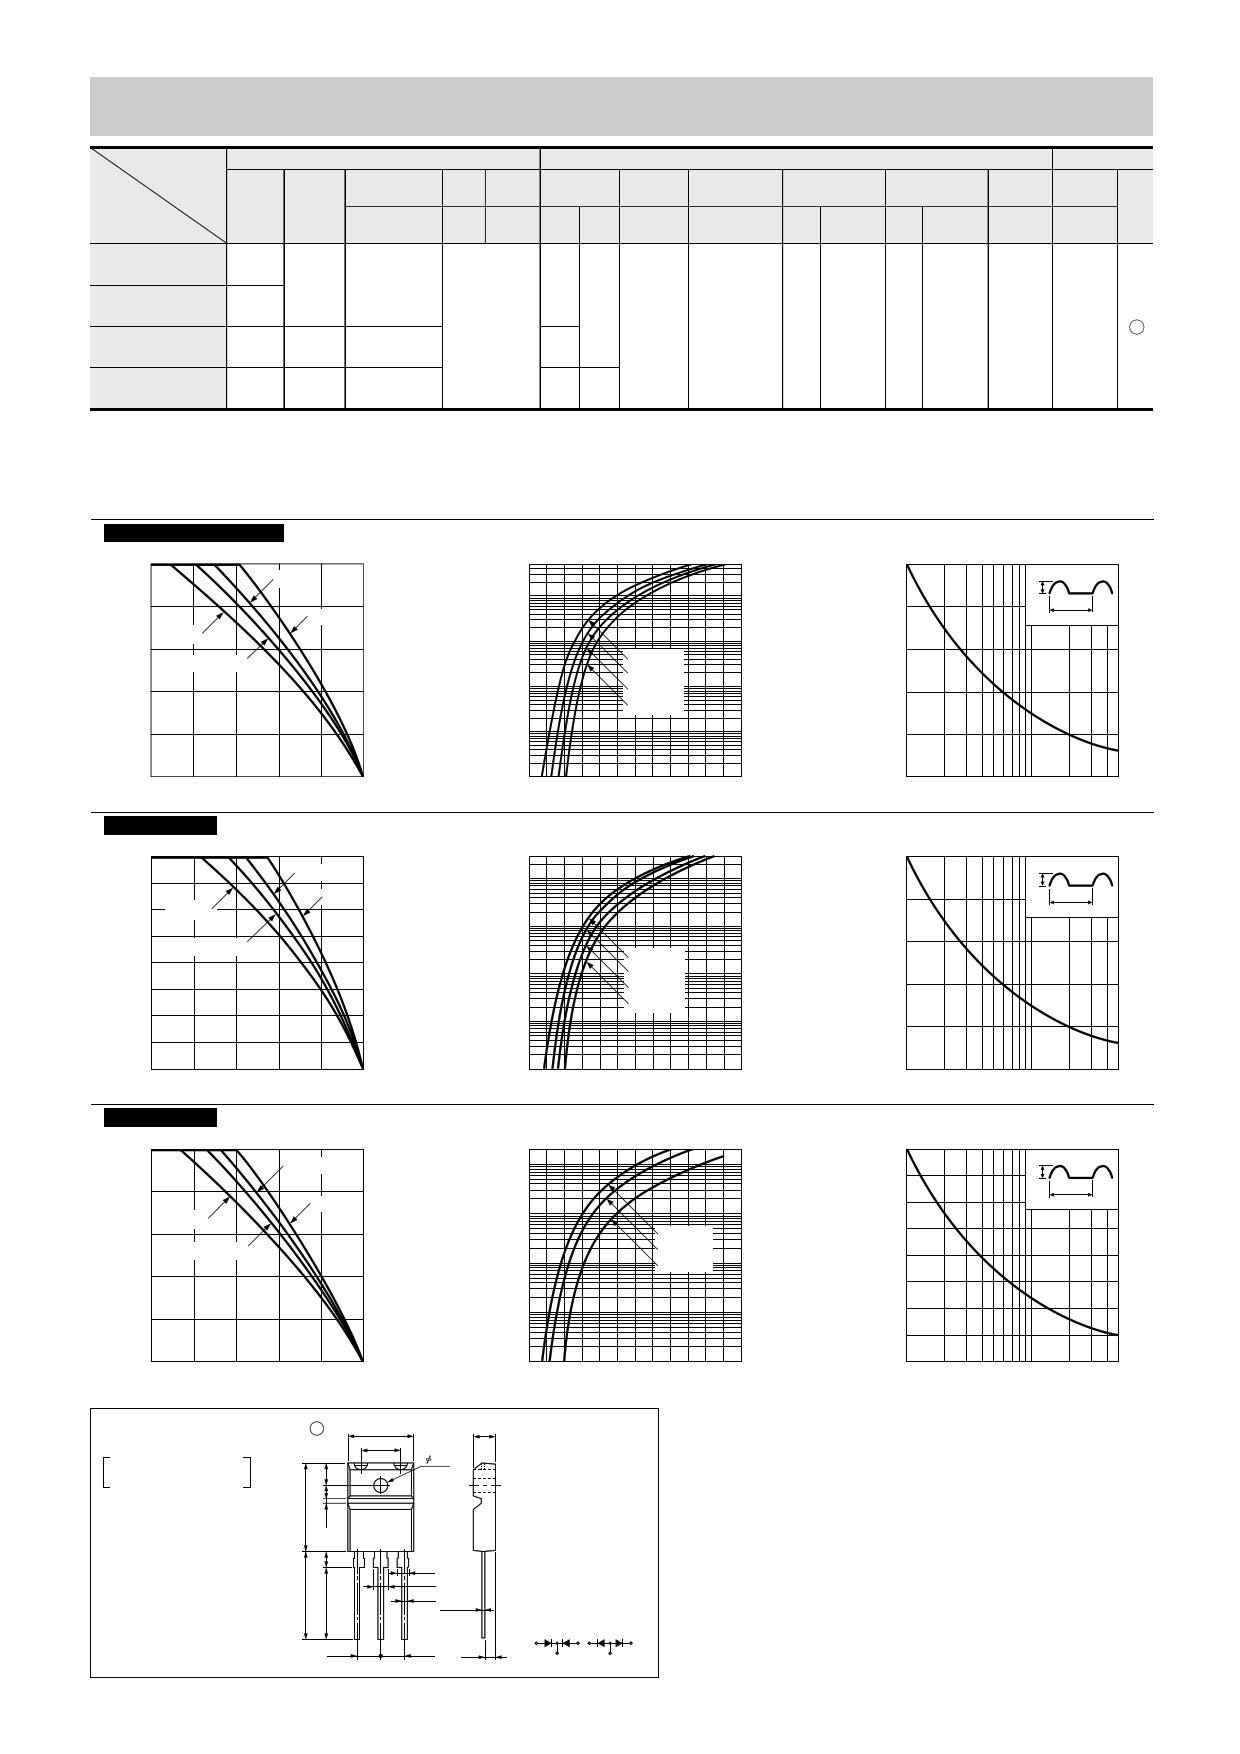 FMG-34S دیتاشیت PDF